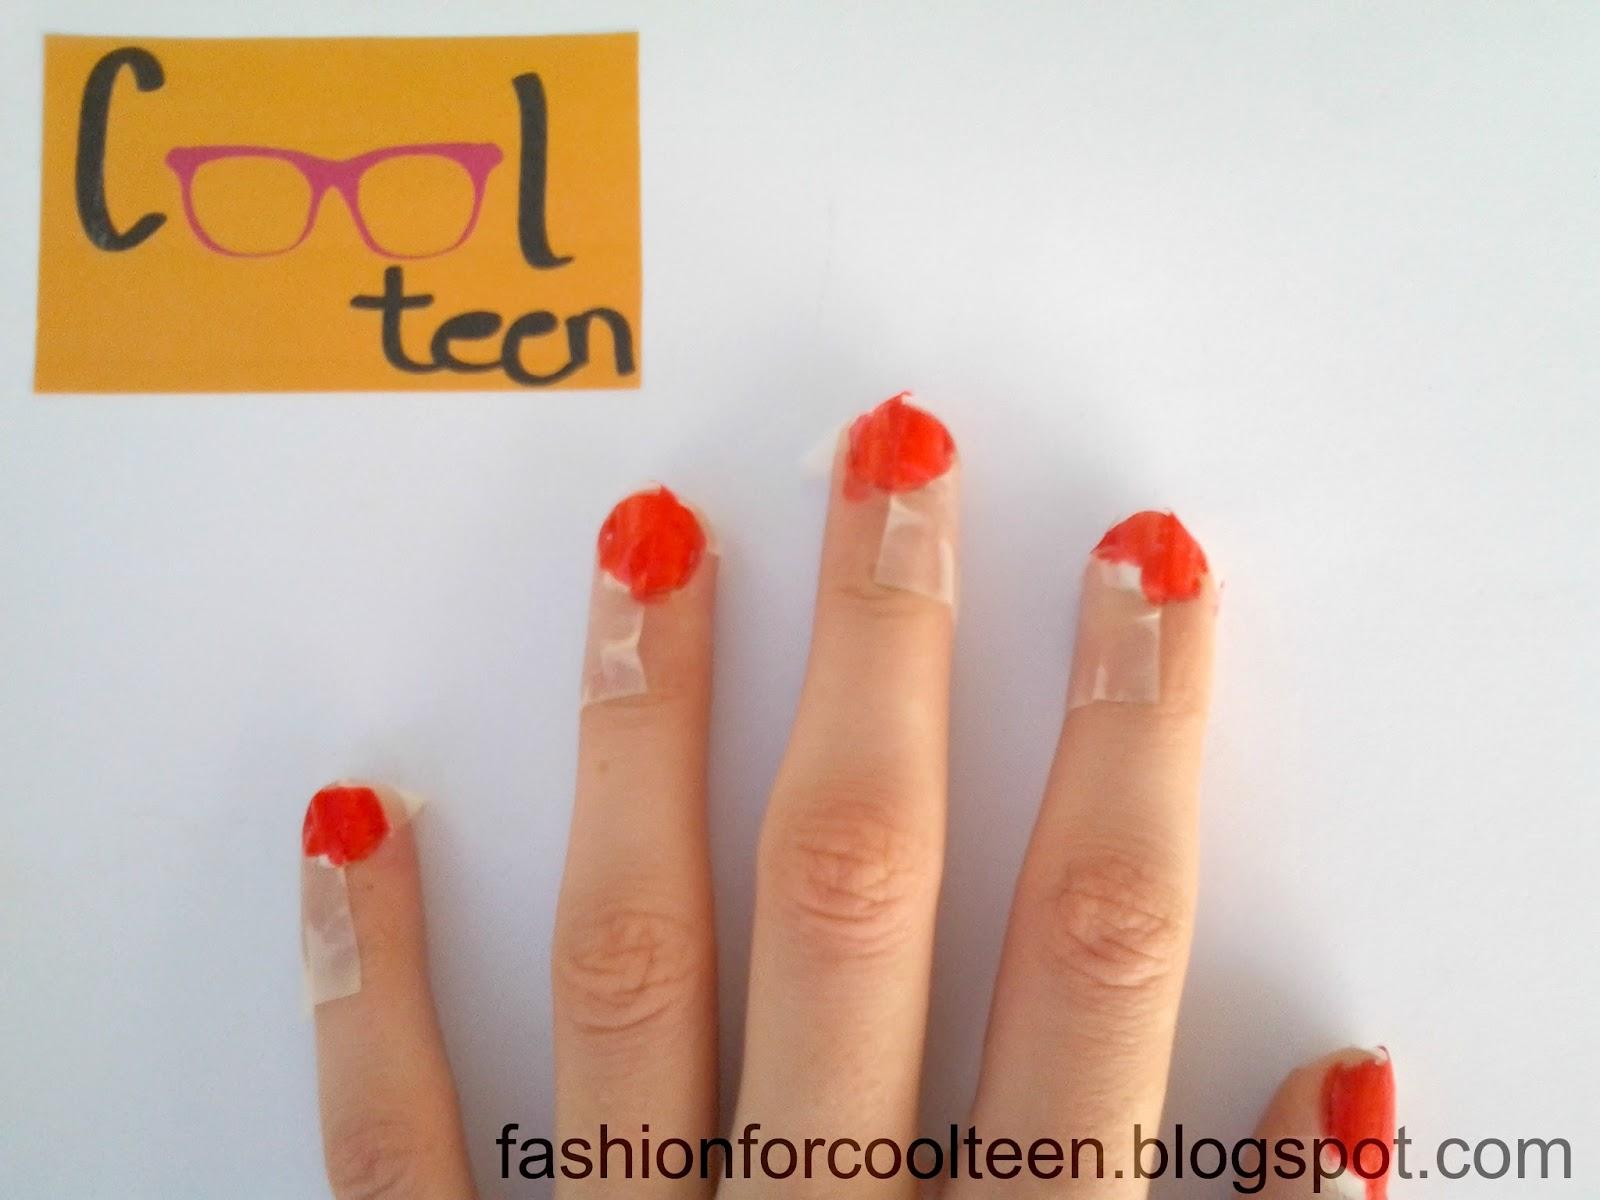 Cool teen: Uñas con estampado de ajedrez rojo